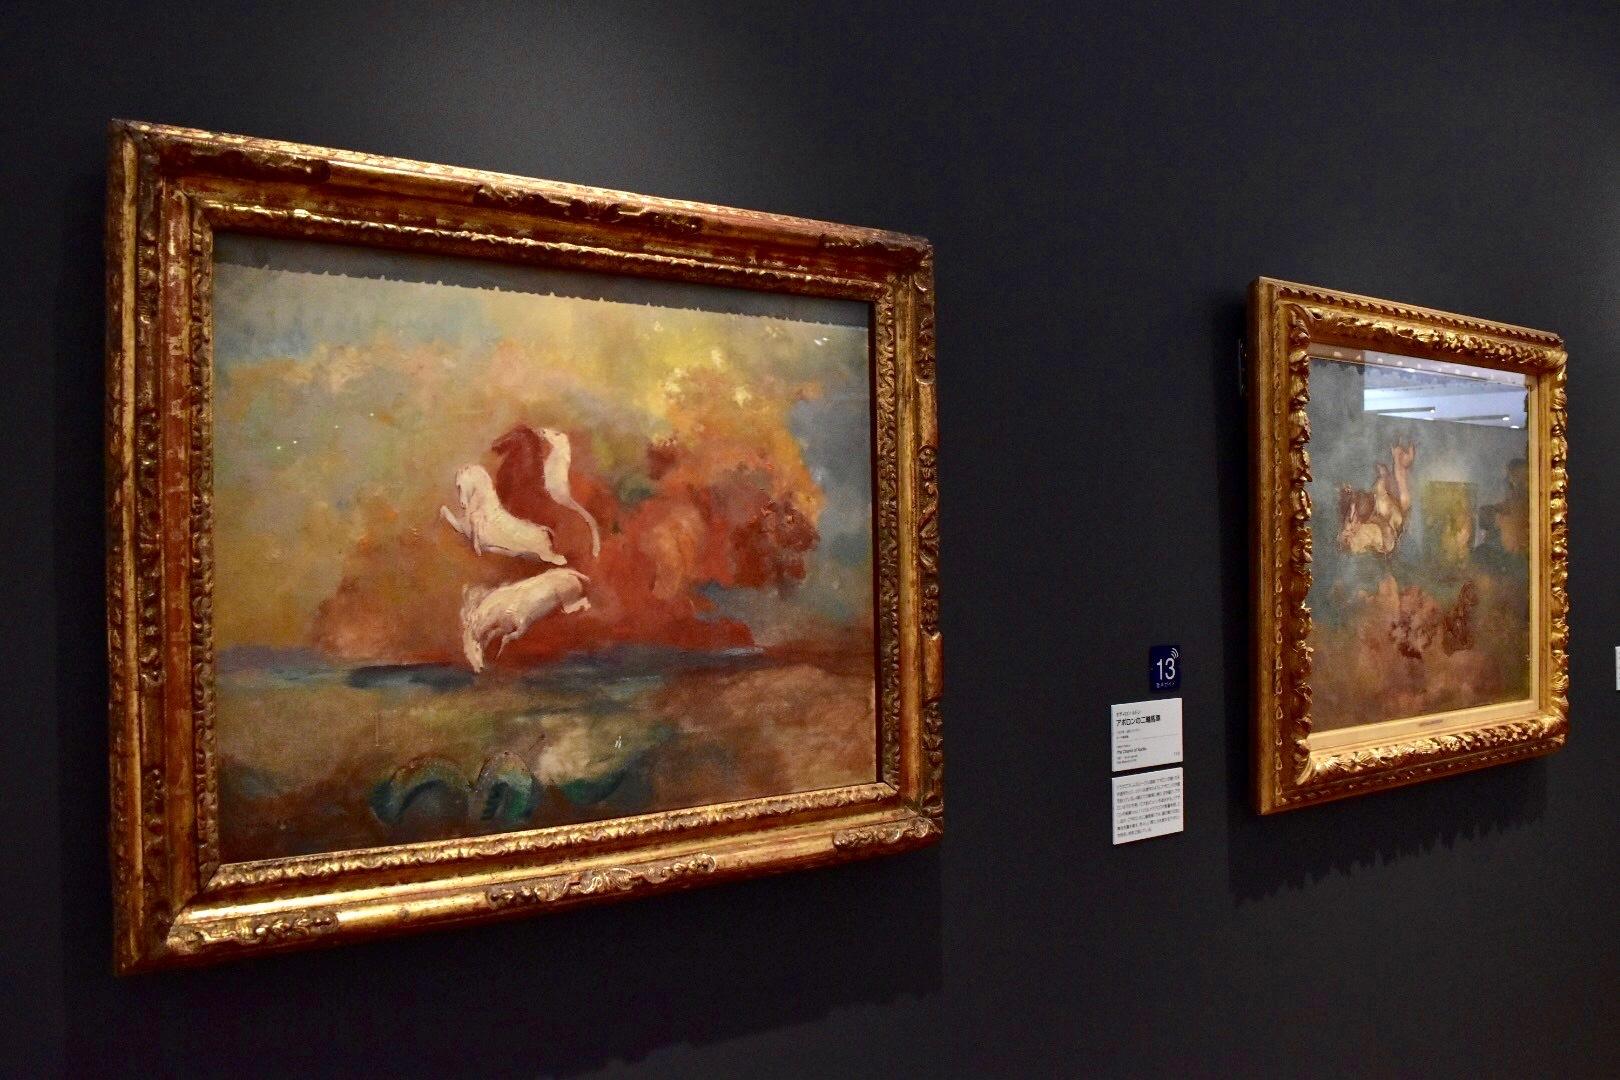 左:オディロン・ルドン 《アポロンの戦車》1906-1907年頃 岐阜県美術館 右奥:オディロン・ルドン 《アポロンの二輪馬車》1907年 ポーラ美術館